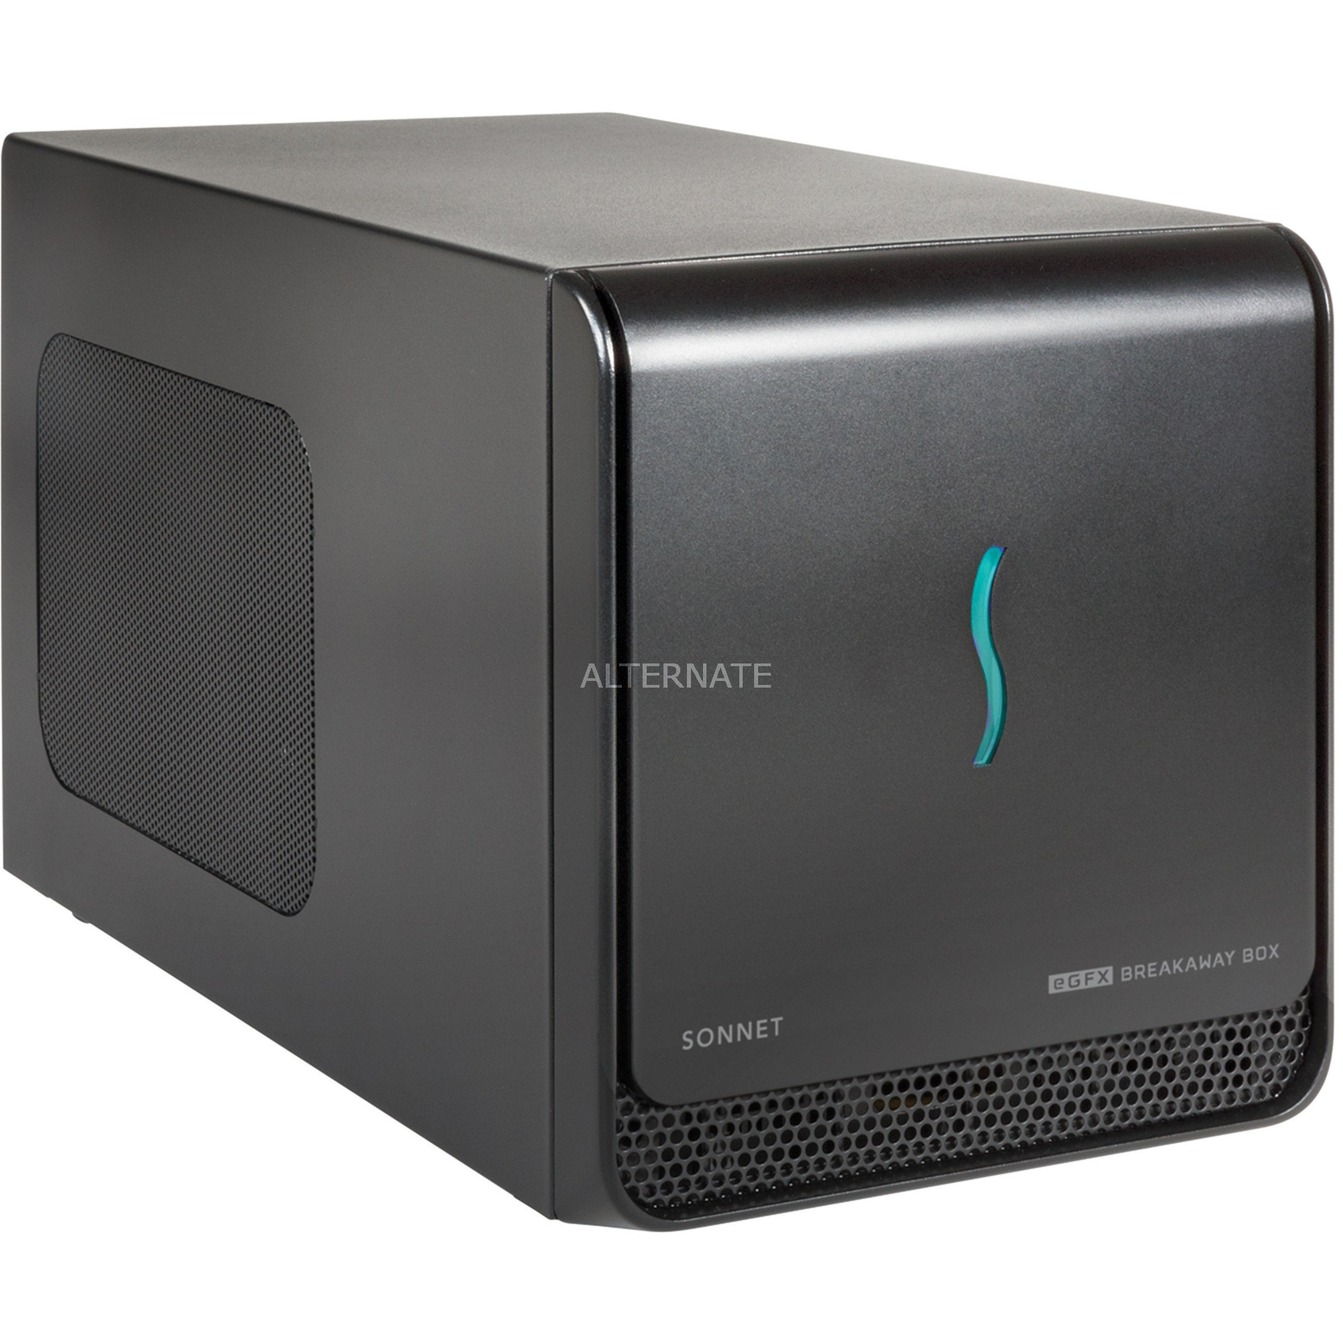 eGFX Breakaway Box 650, Caja/Carcasa